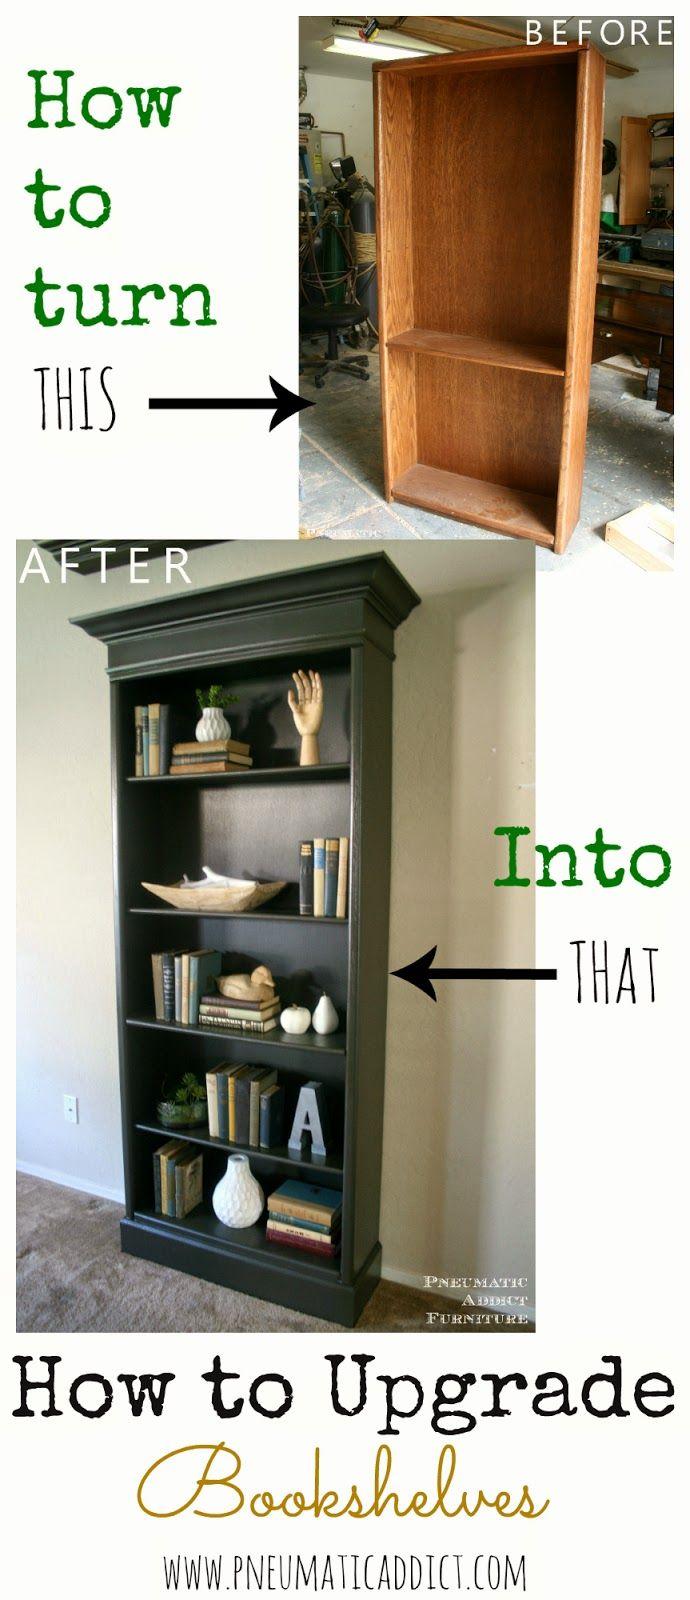 How To Upgrade Bookshelves Repurposed Furniture Diy Furniture